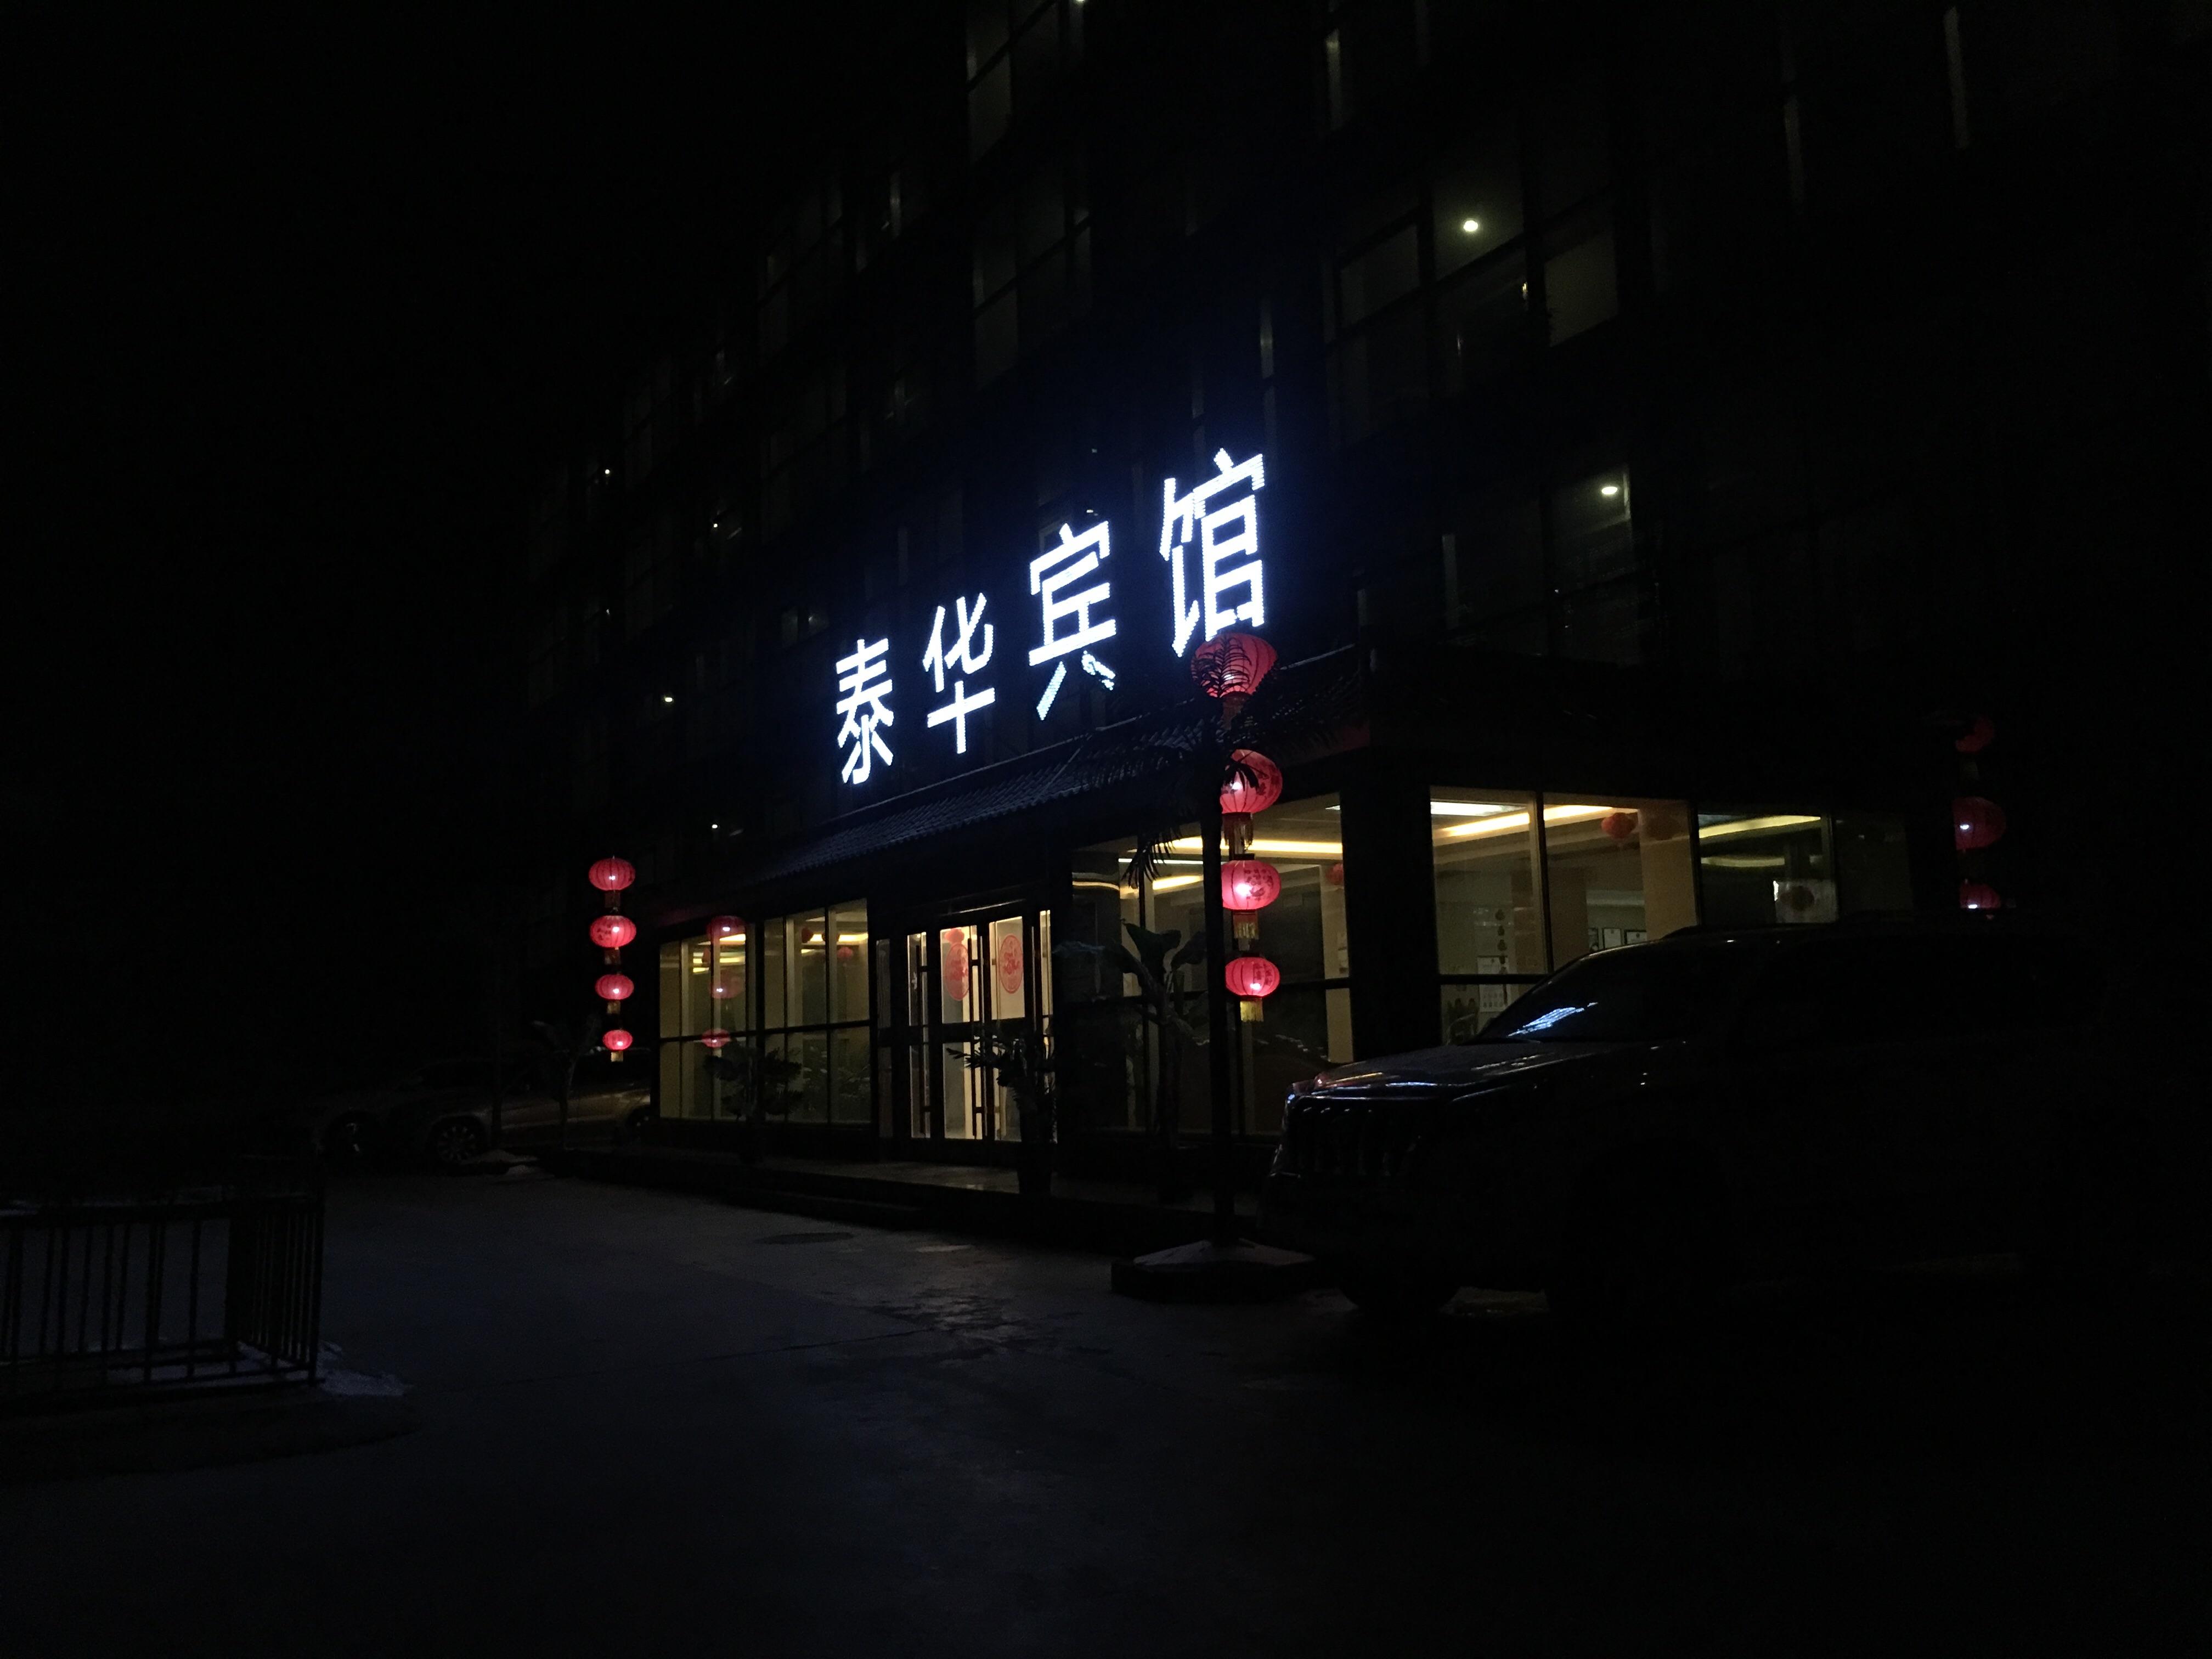 f:id:shan1tian2:20170210215812j:image